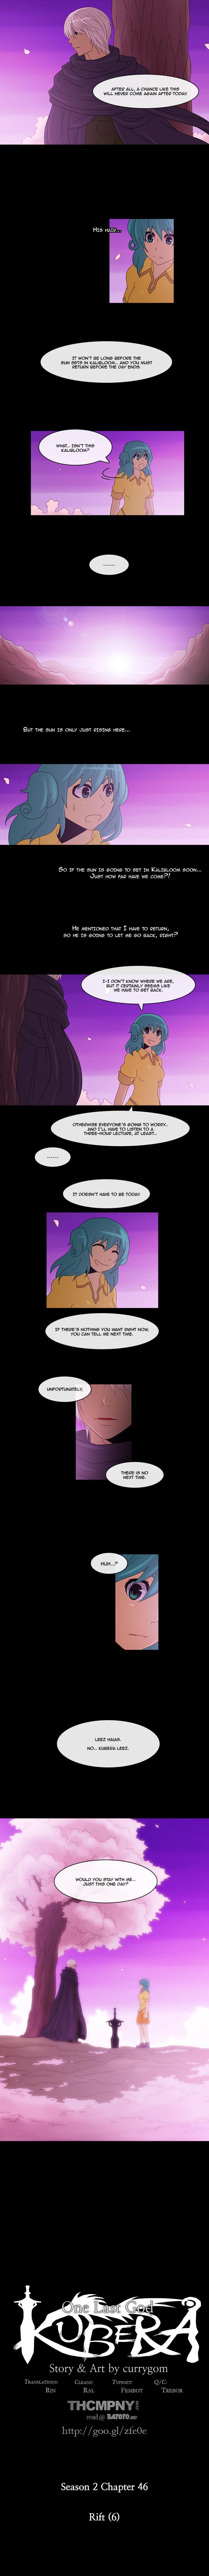 Kubera 148 Page 2